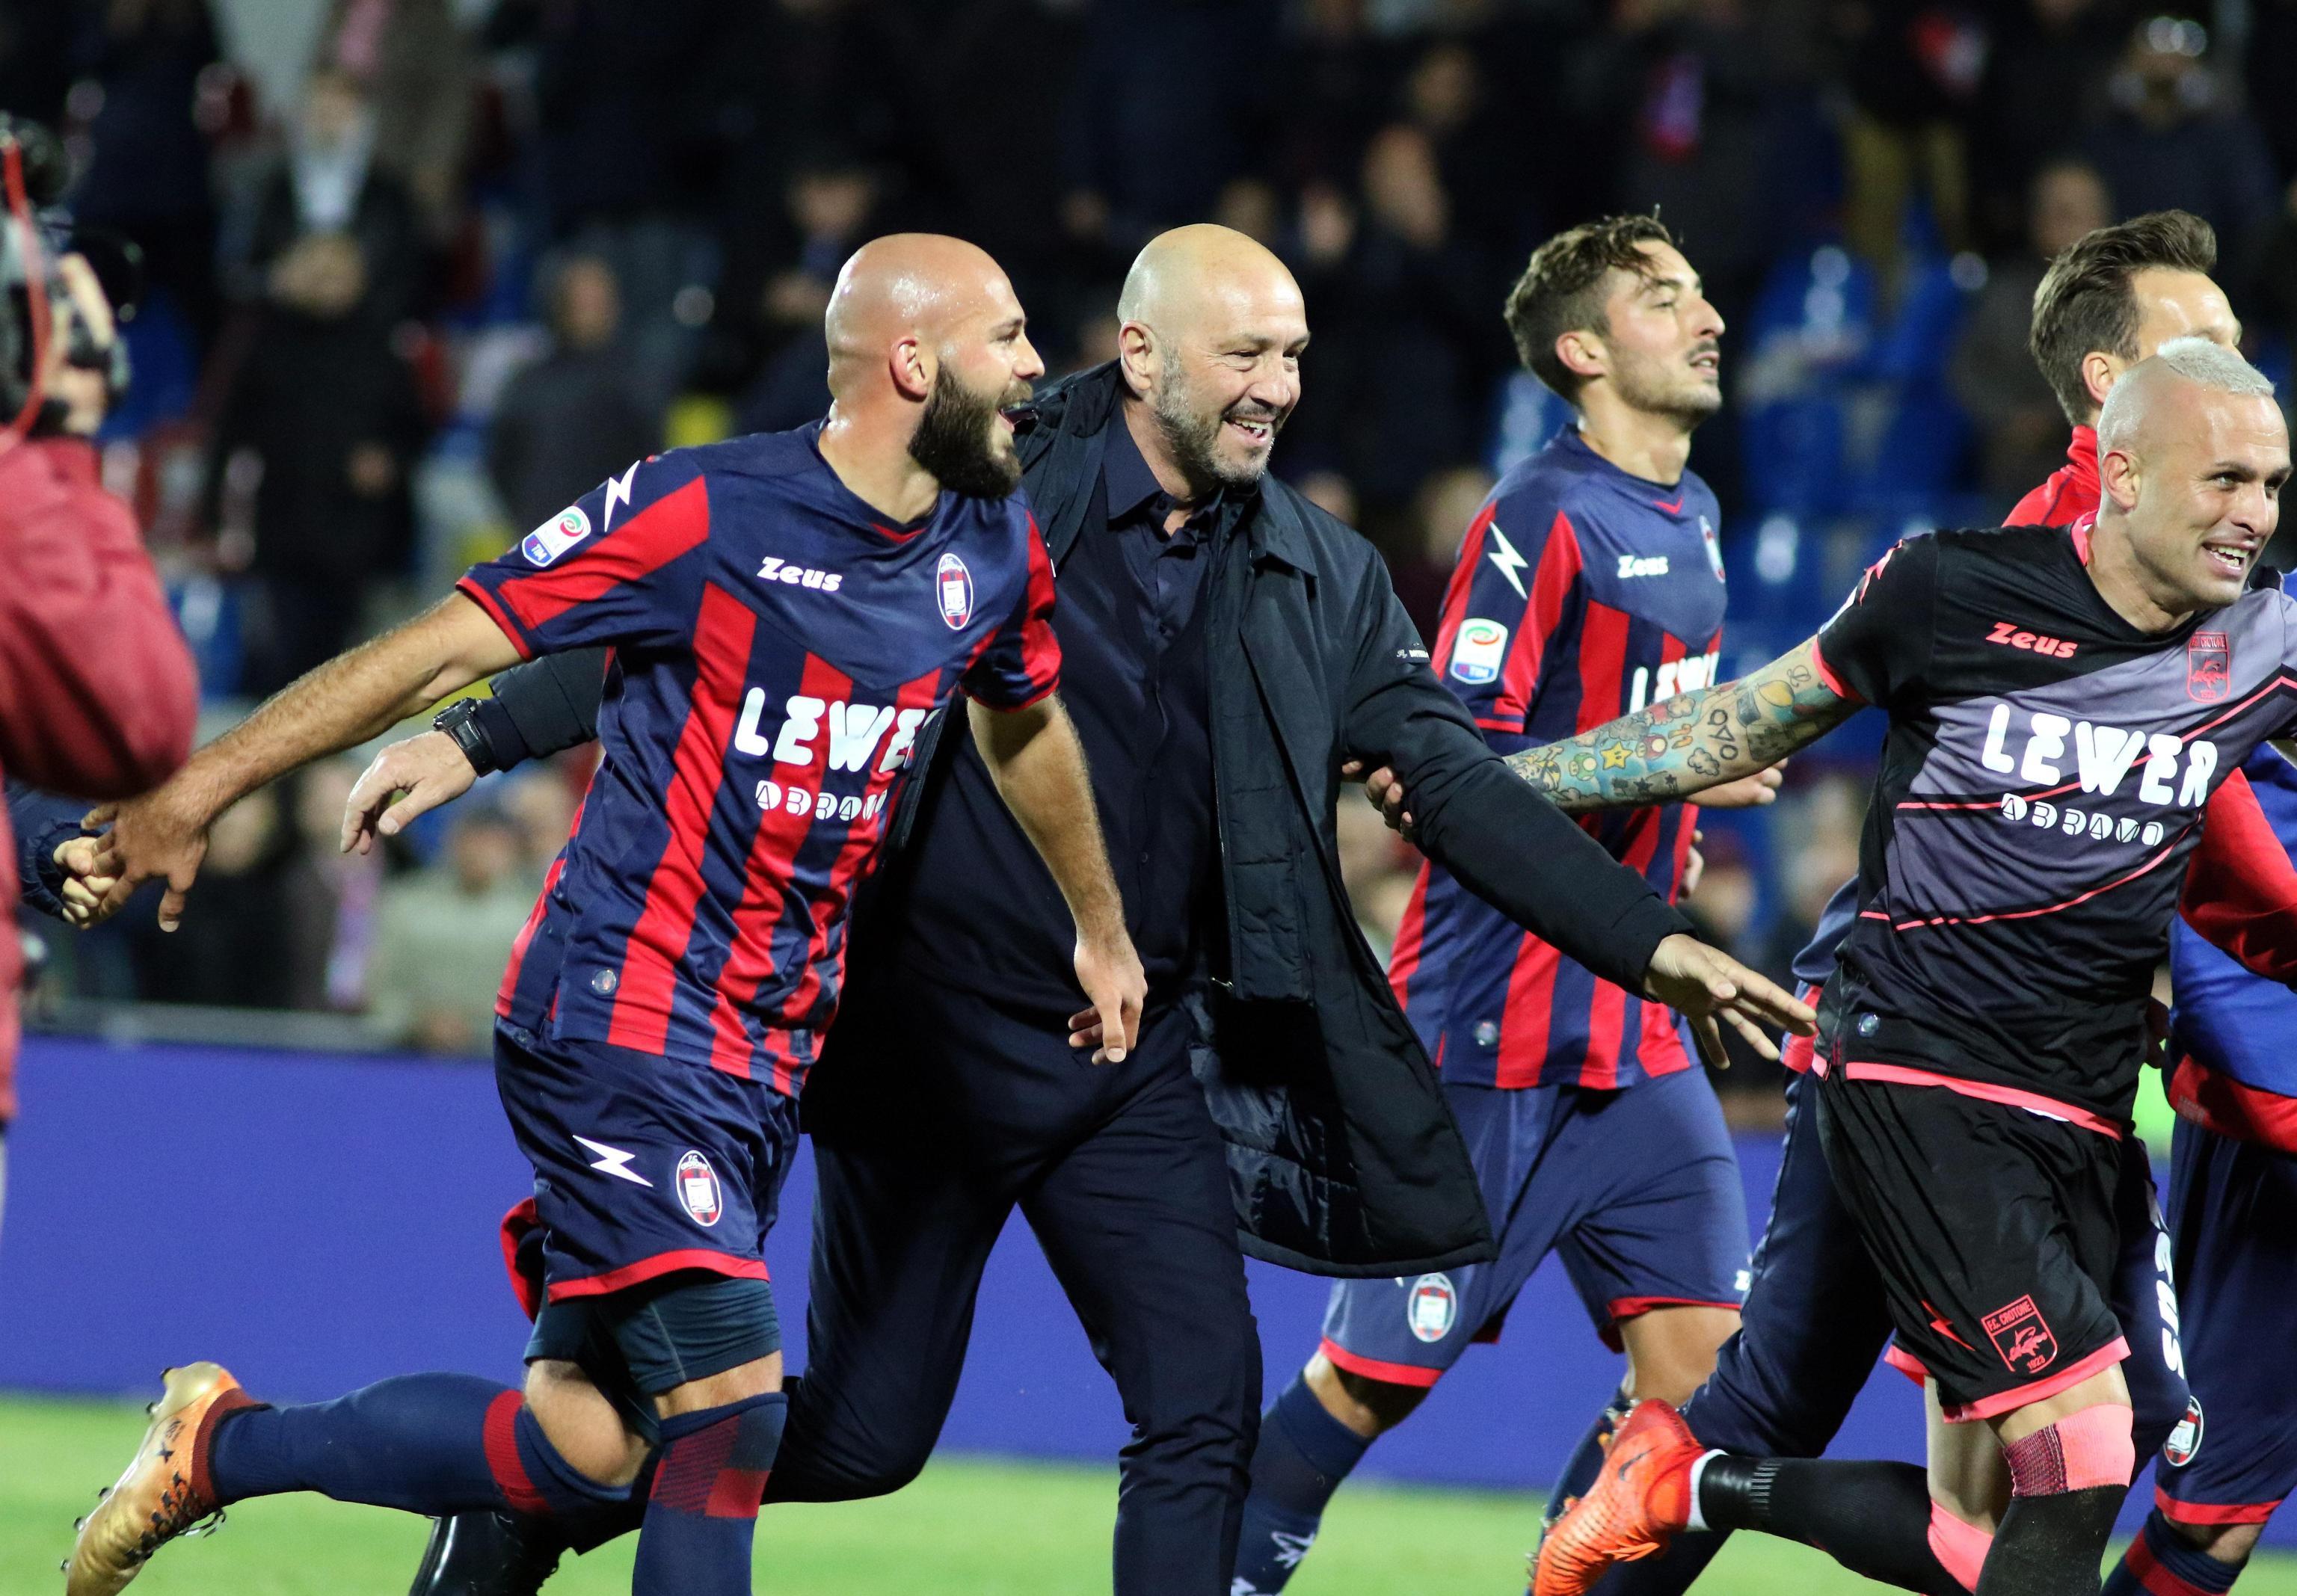 Serie A: Crotone-Chievo 1-0